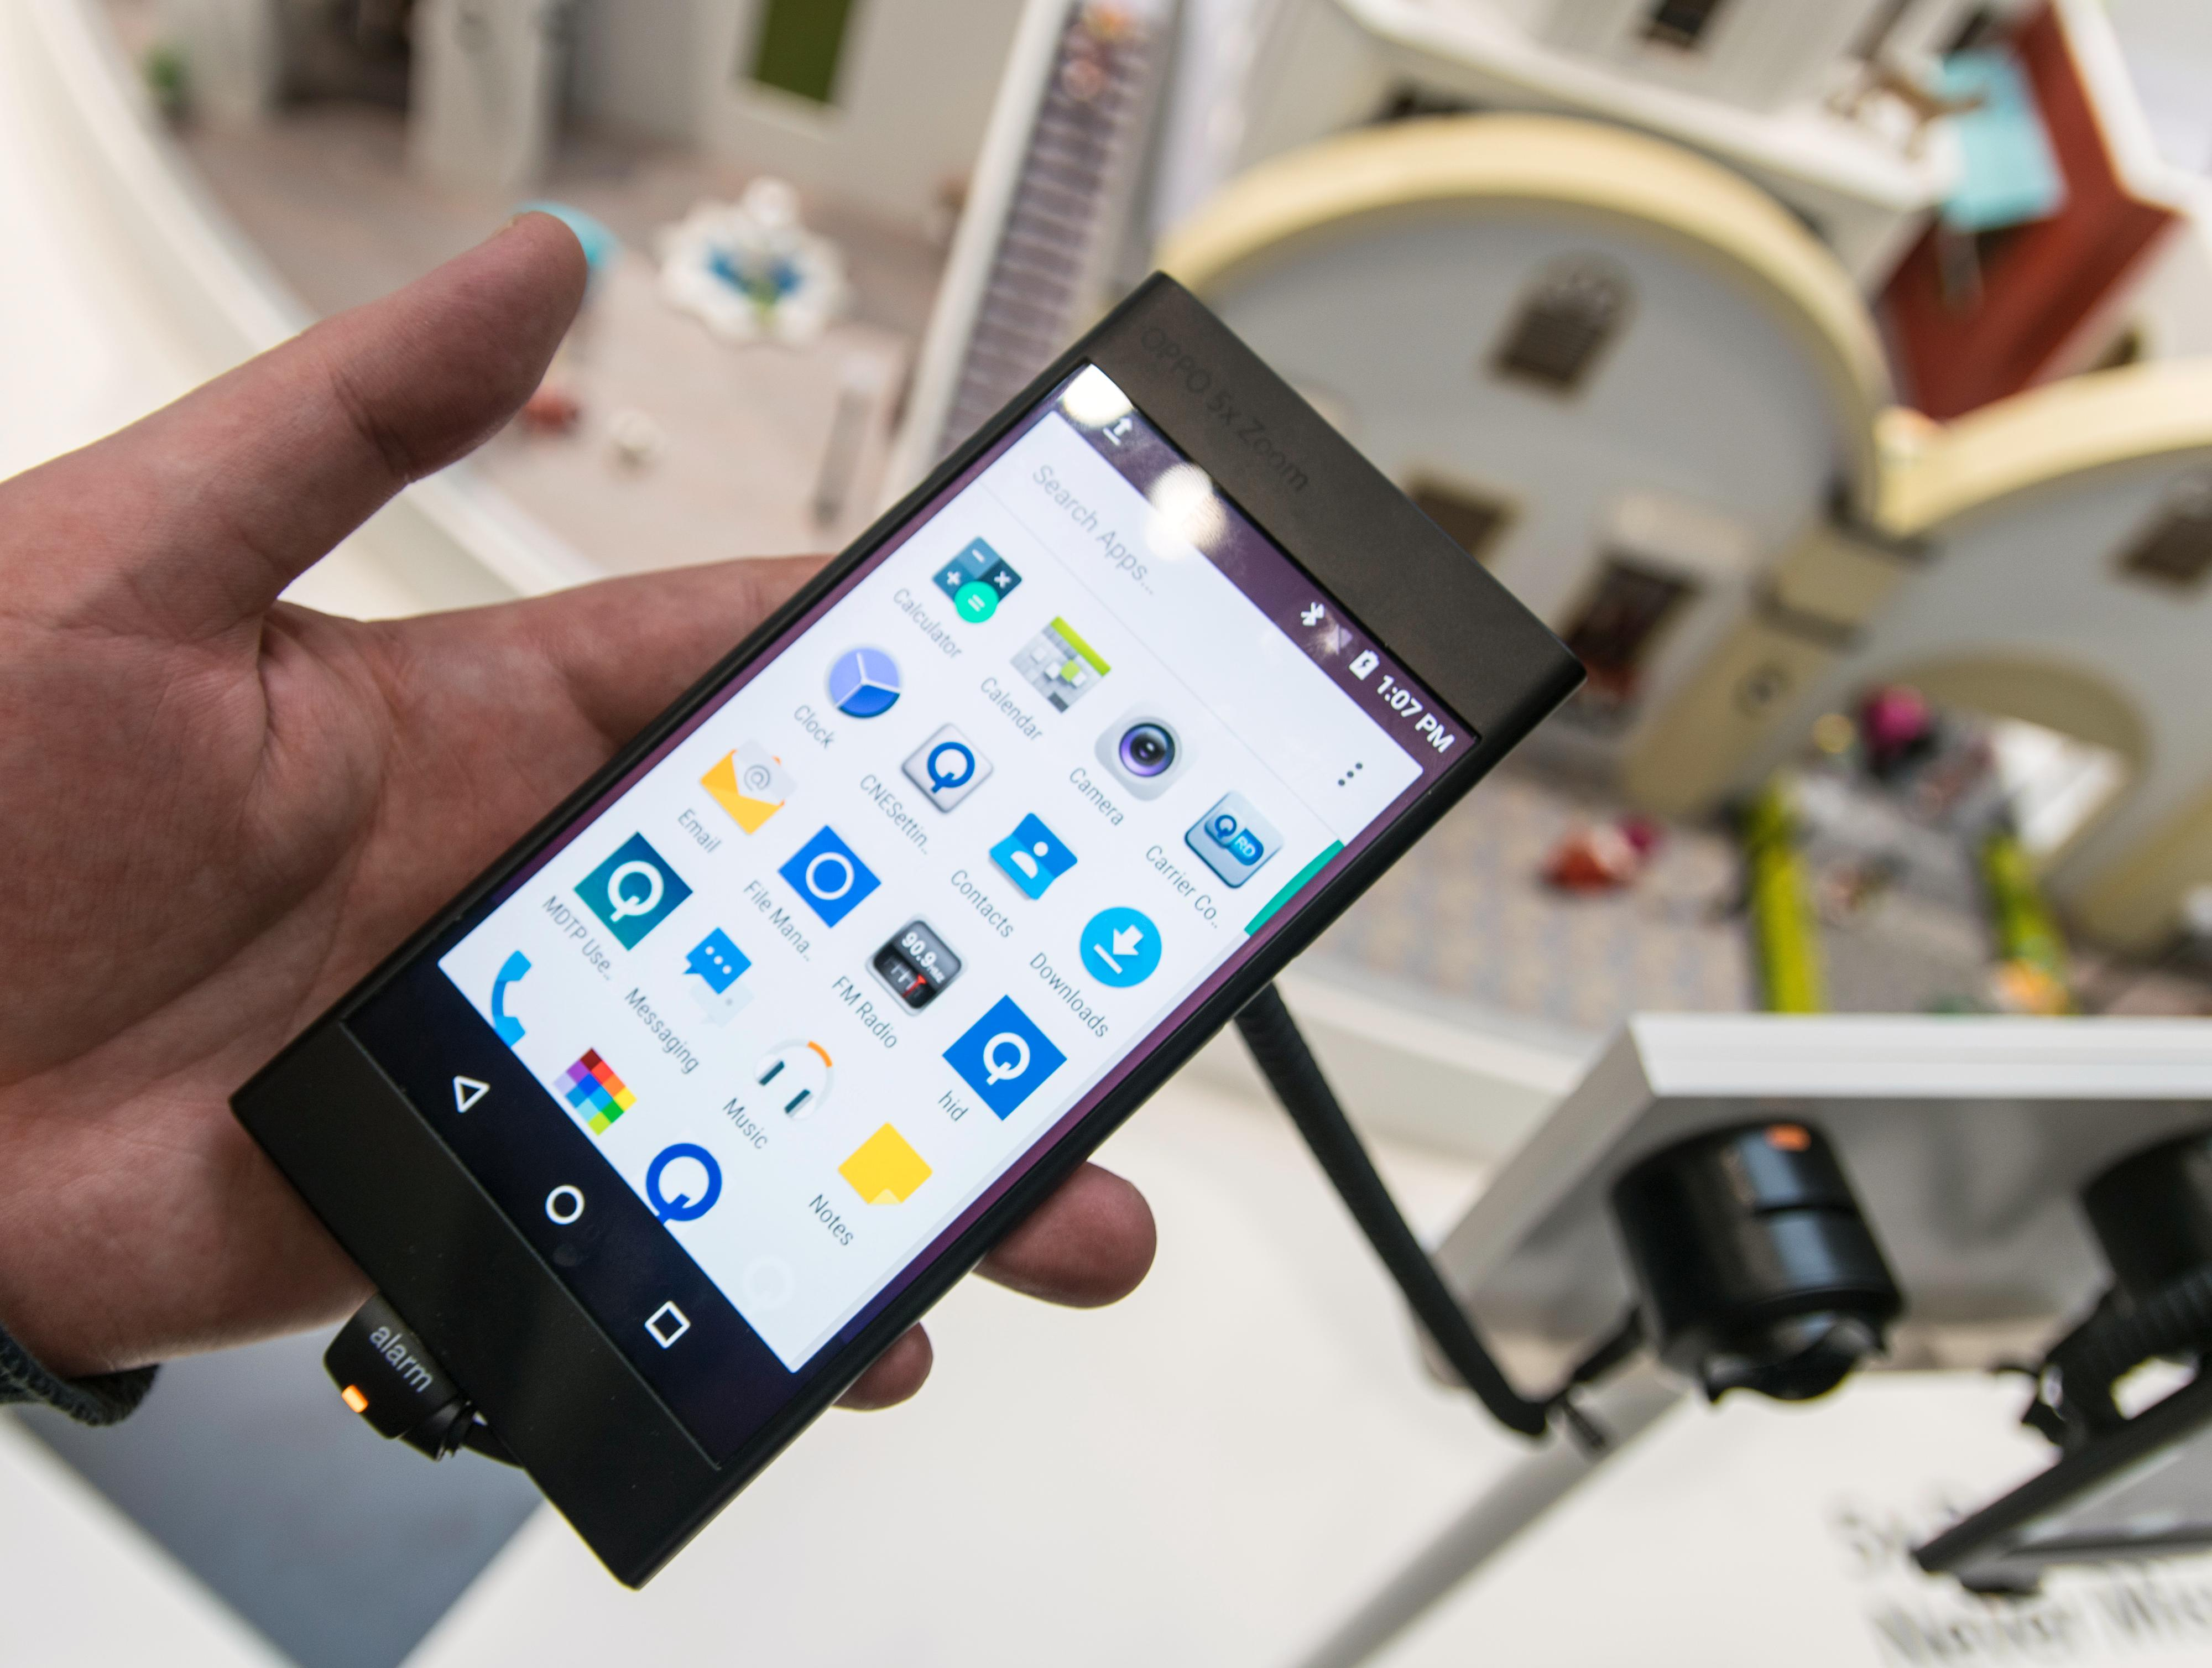 Selve Oppo-enheten er nok en slags «testbed», altså en prototyp man fester ny maskinvare på for å demonstrere eller teste ut.